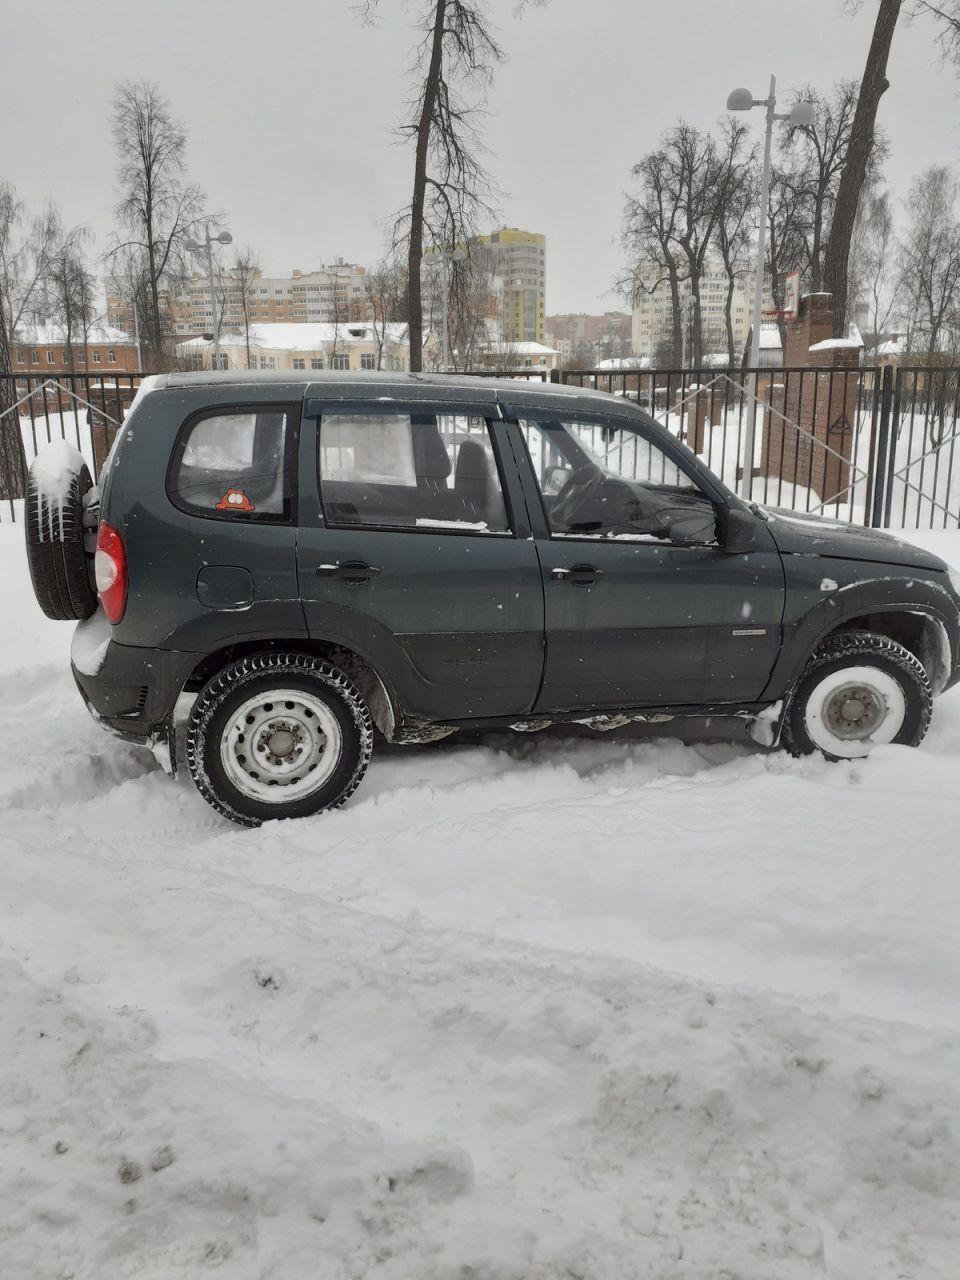 Снегопад. И ты король парковки